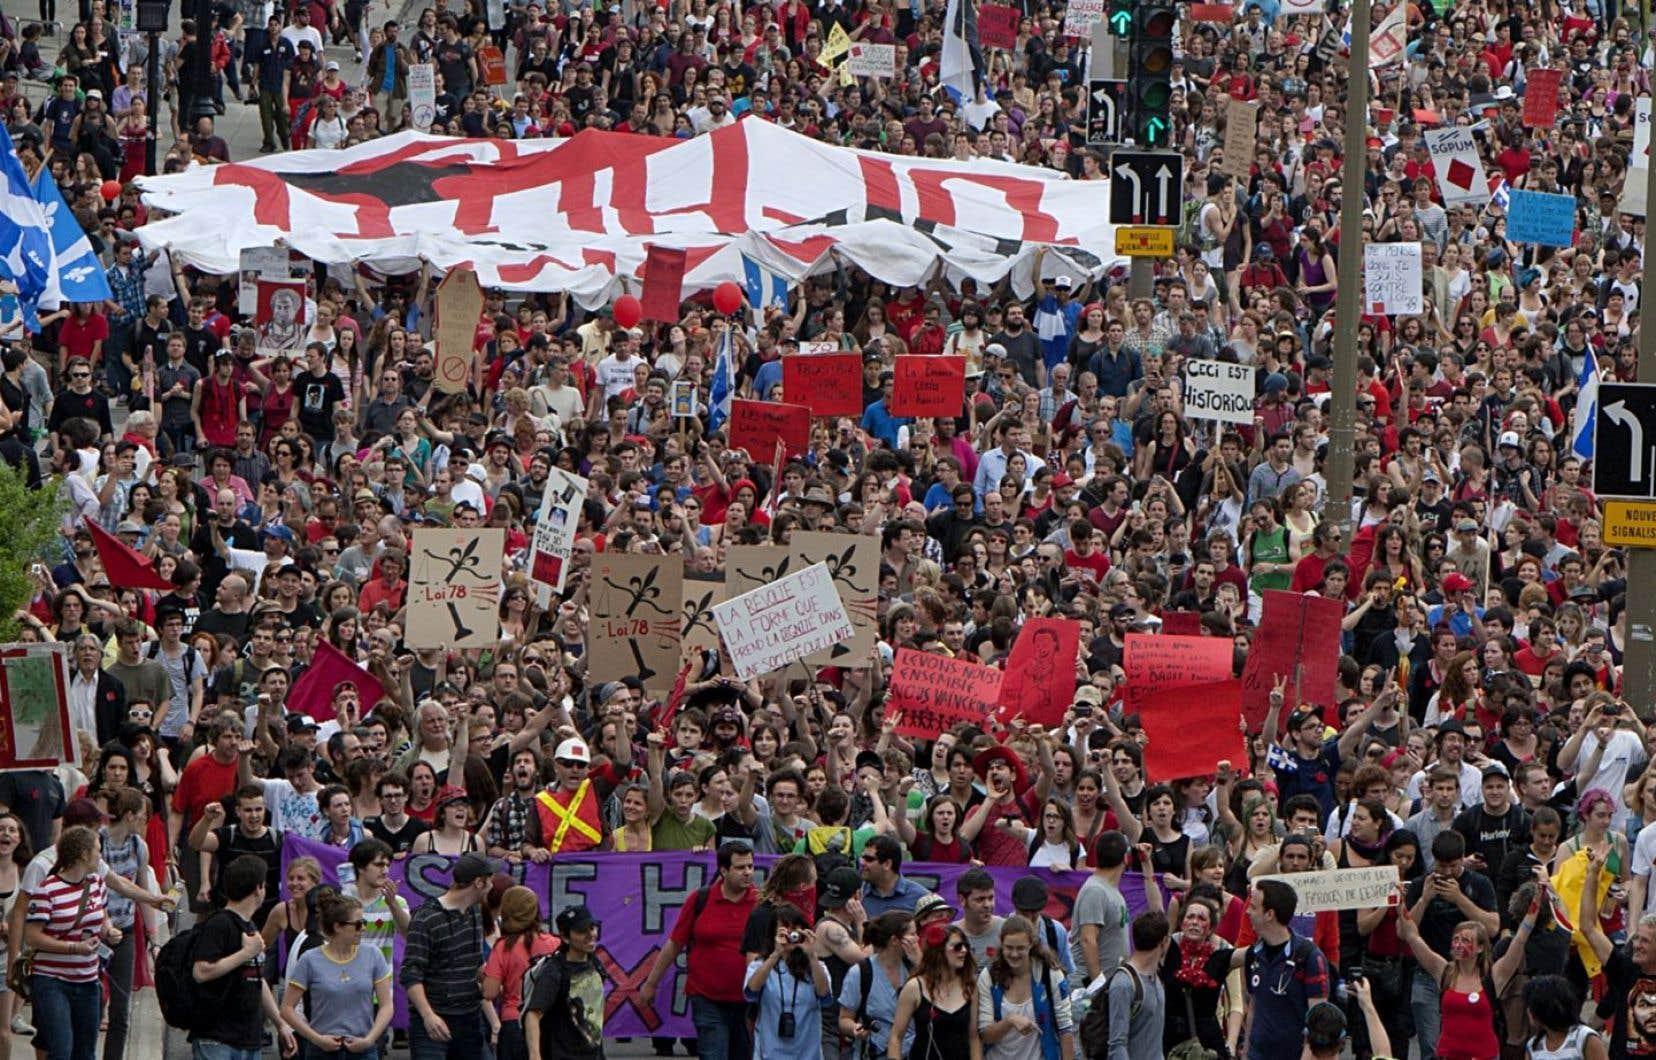 Près de 250 000 personnes ont marché dans les rues de Montréal le 22 mai 2012, en plein printemps érable.